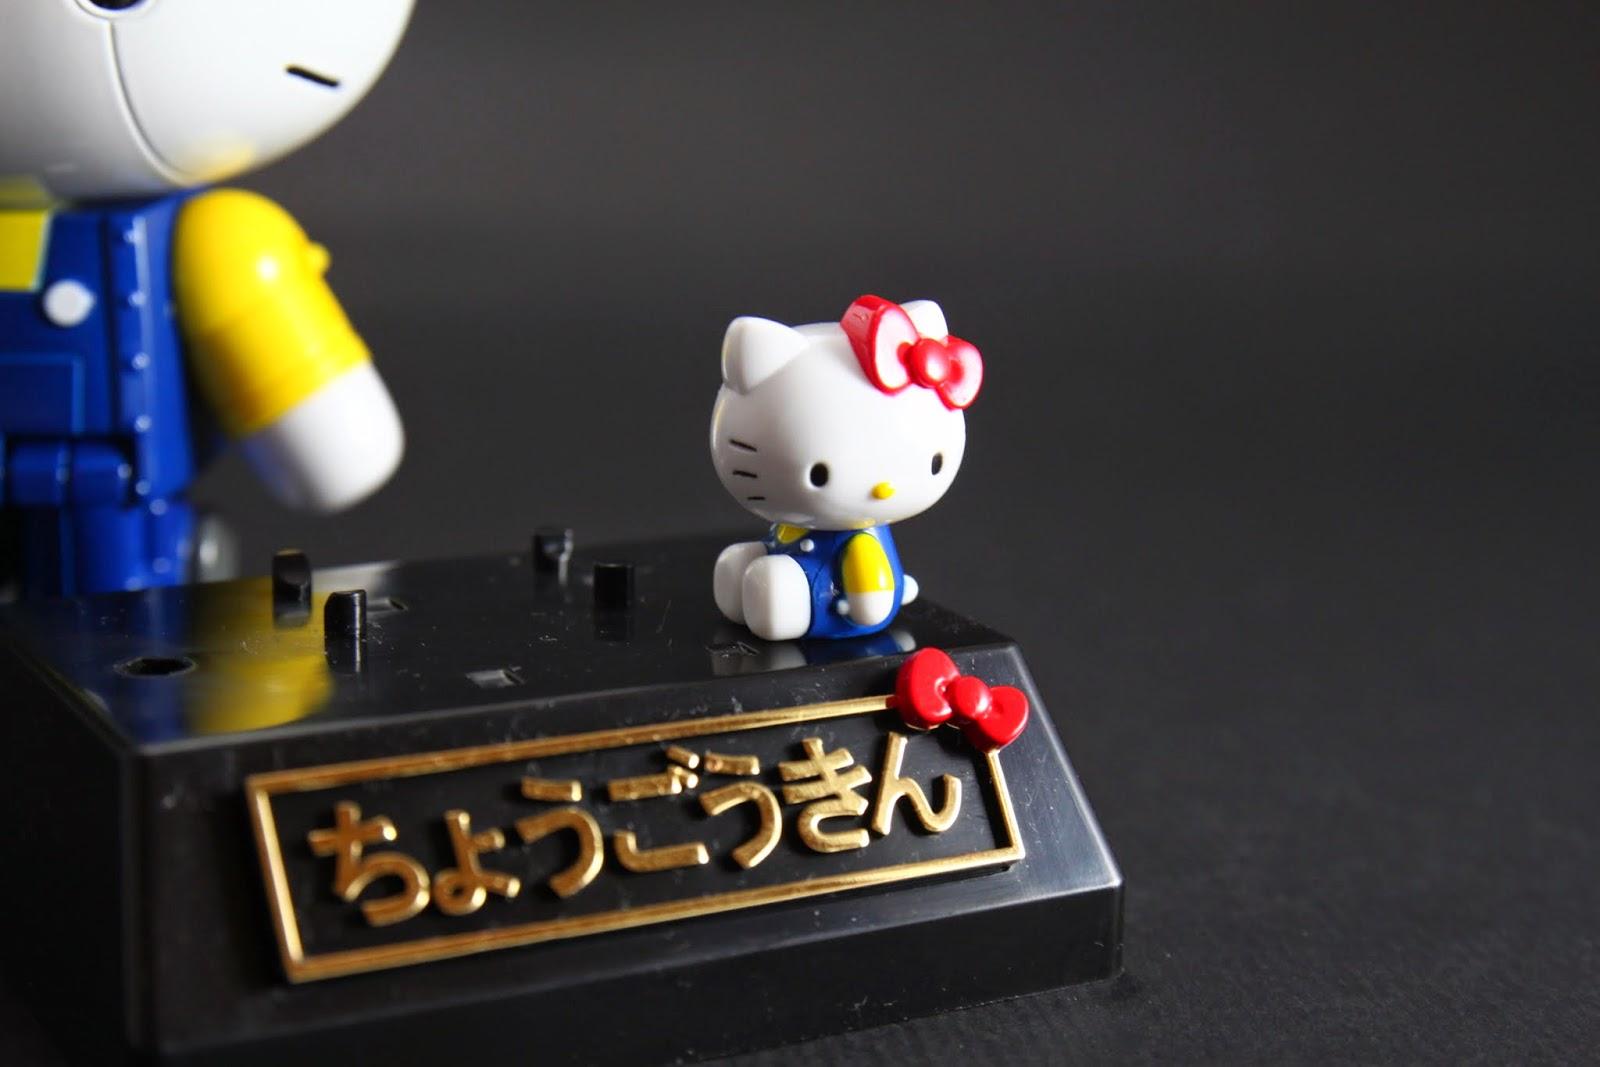 這個才是Hello Kitty本體 不能動